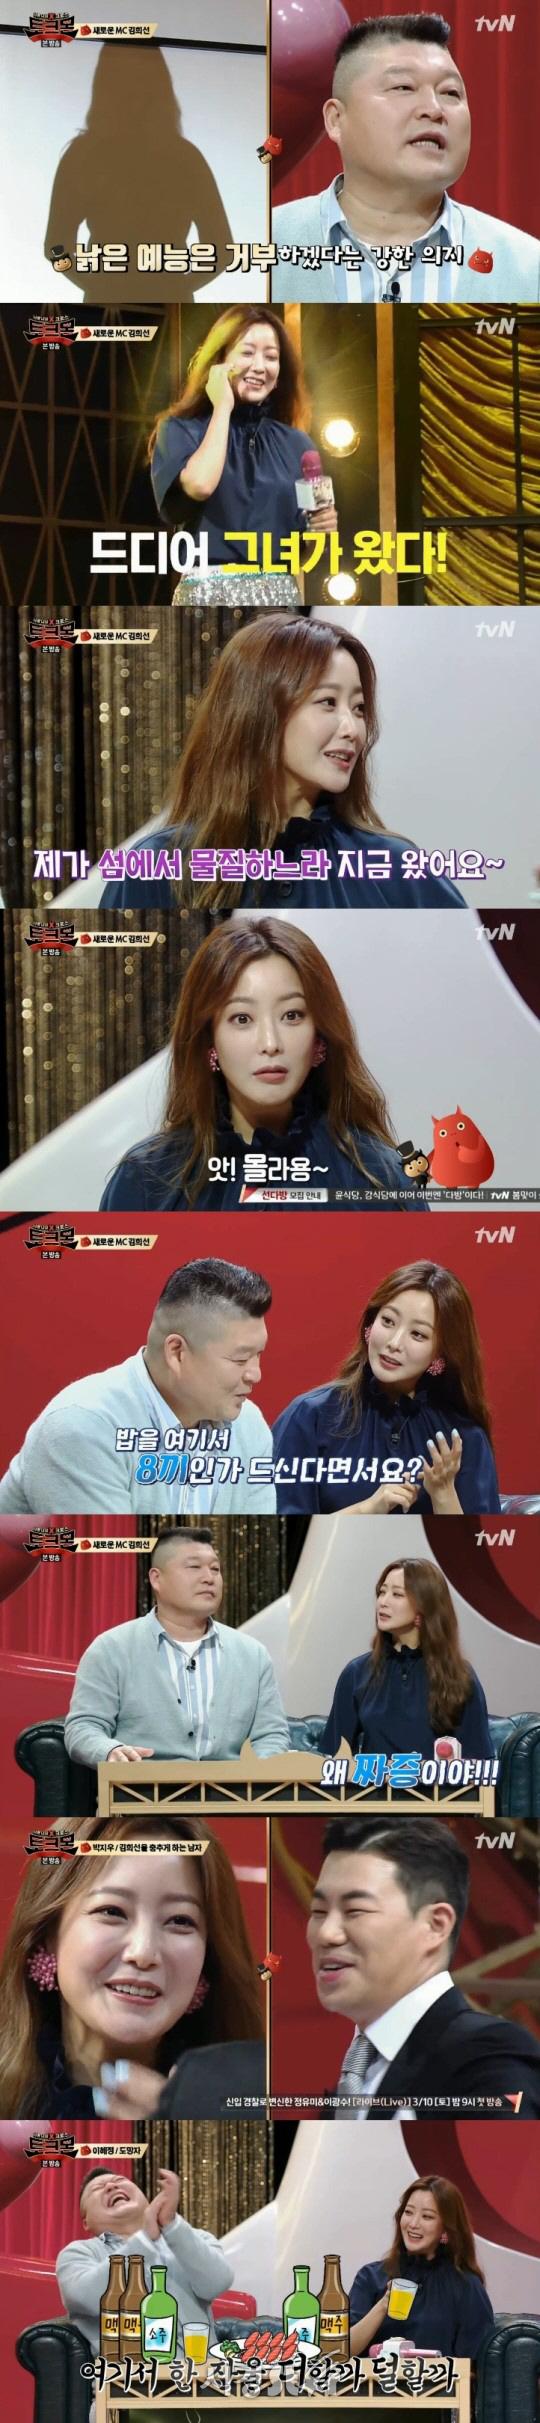 """'토크몬' 김희선, 정용화 대신 새 MC 합류 """"물질하다 지금 왔다"""""""